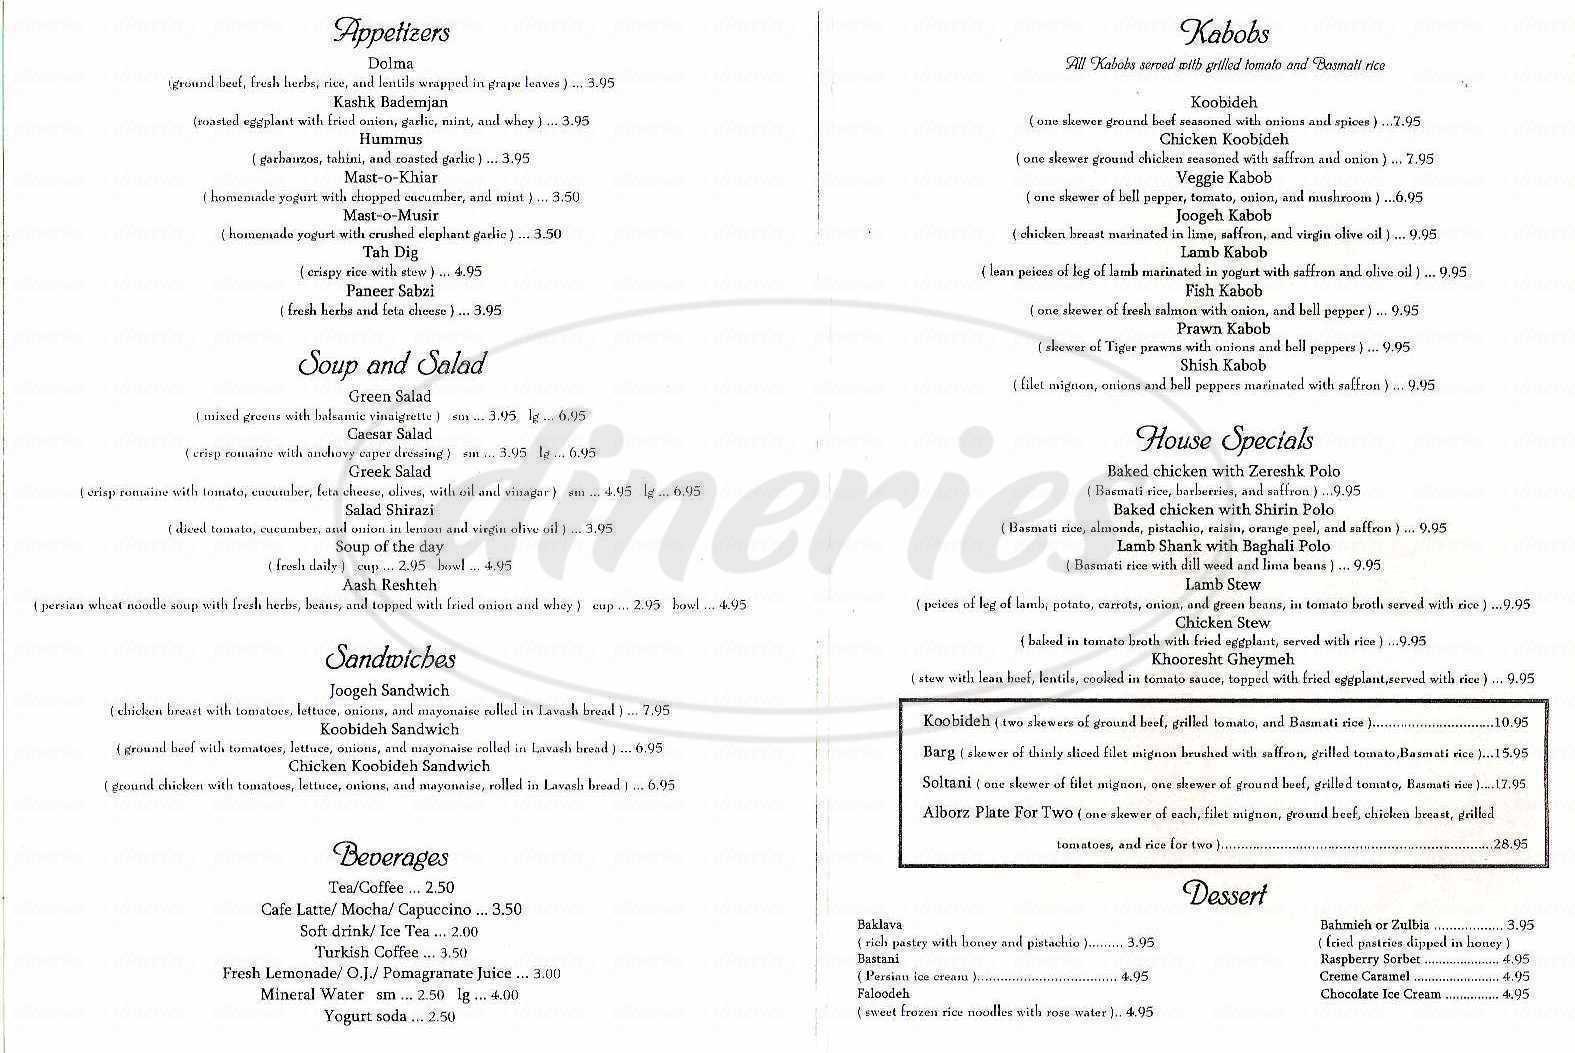 menu for Alborz